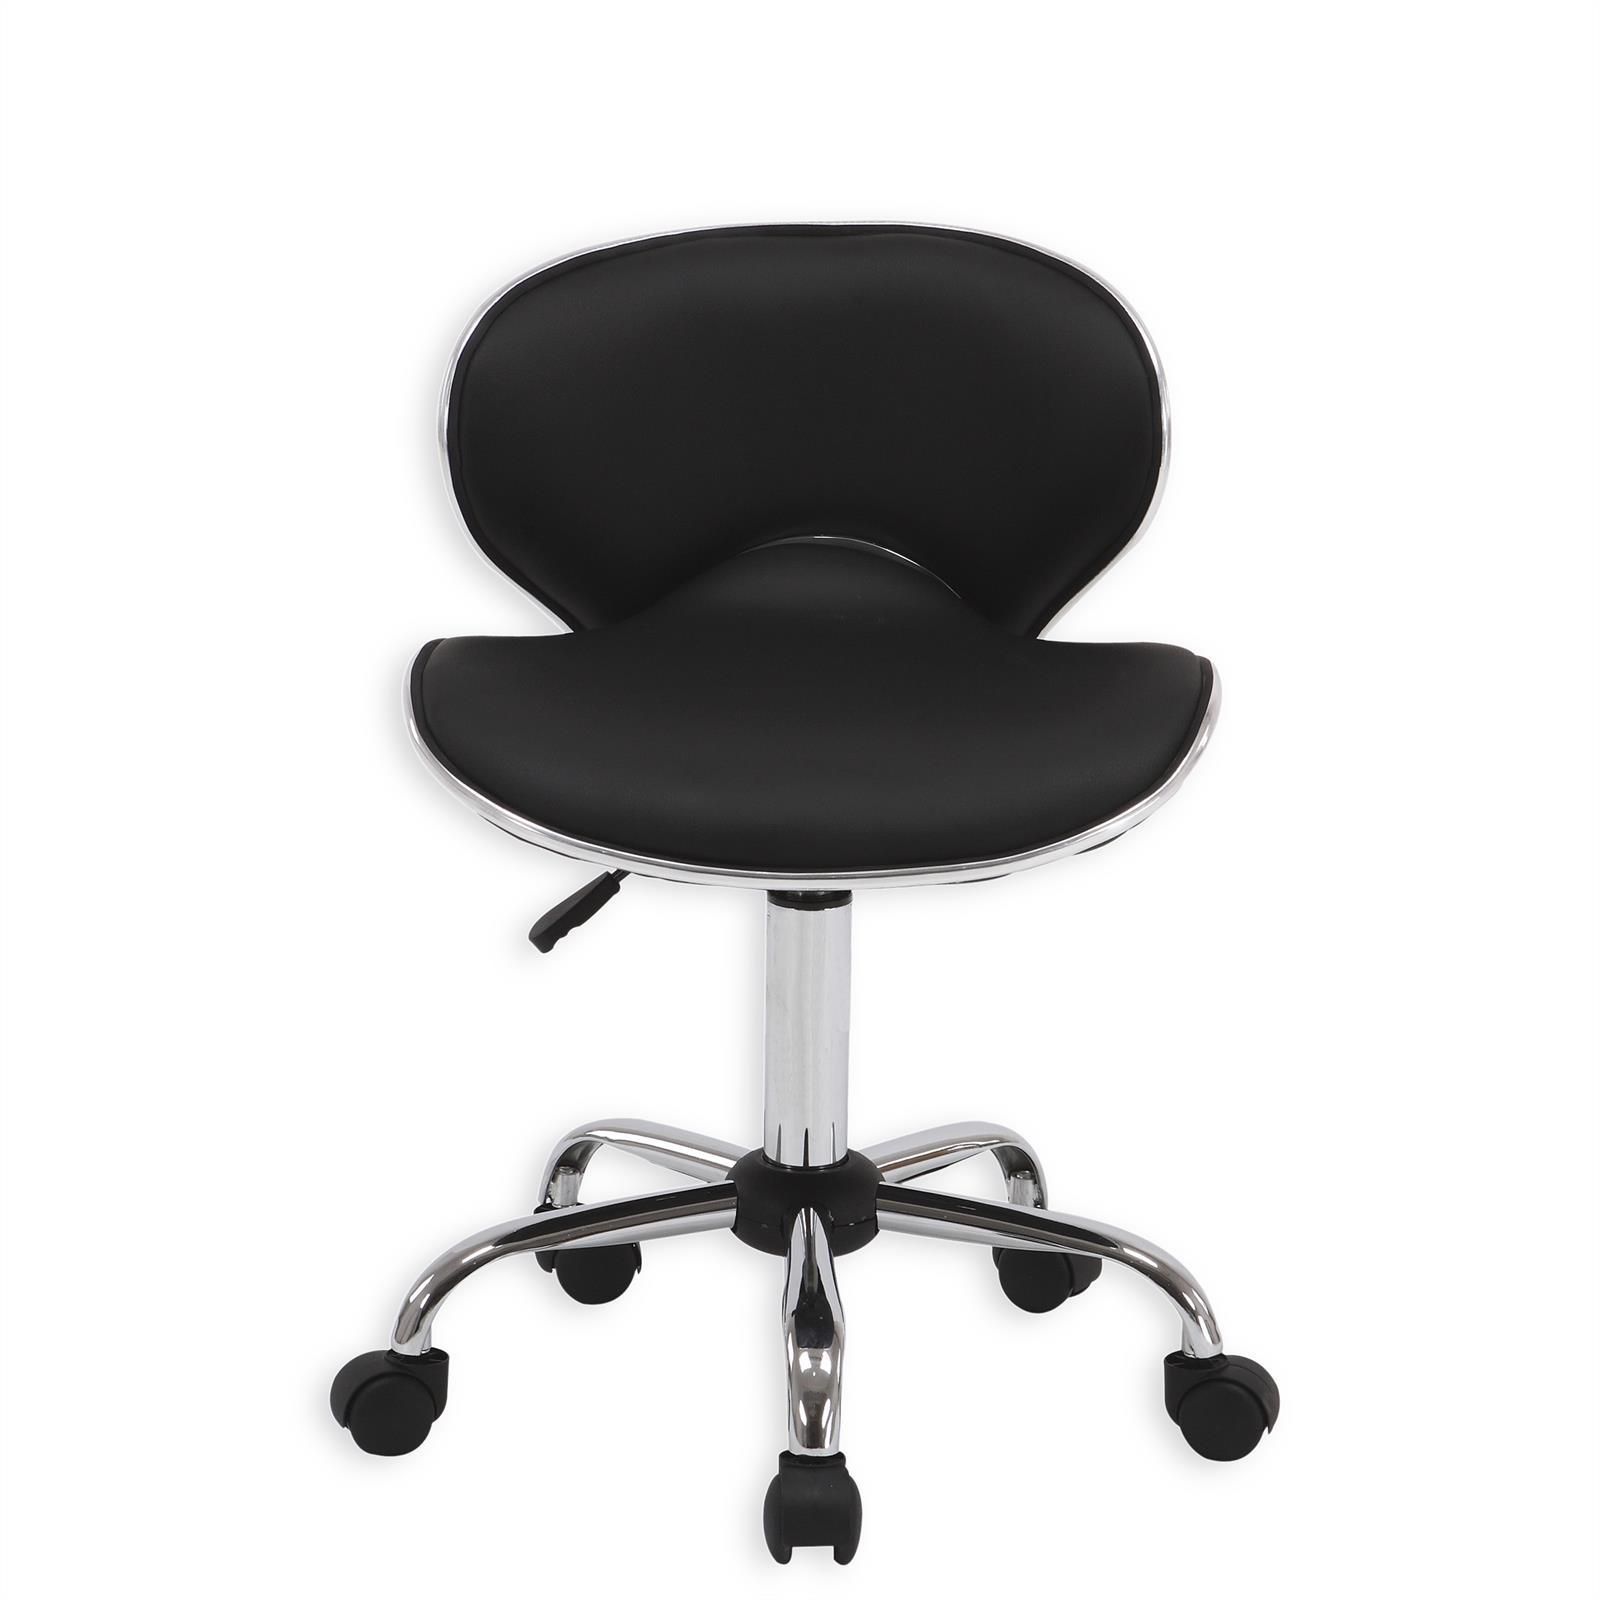 chaise de bureau sur roulettes gunnar noir mobil meubles. Black Bedroom Furniture Sets. Home Design Ideas